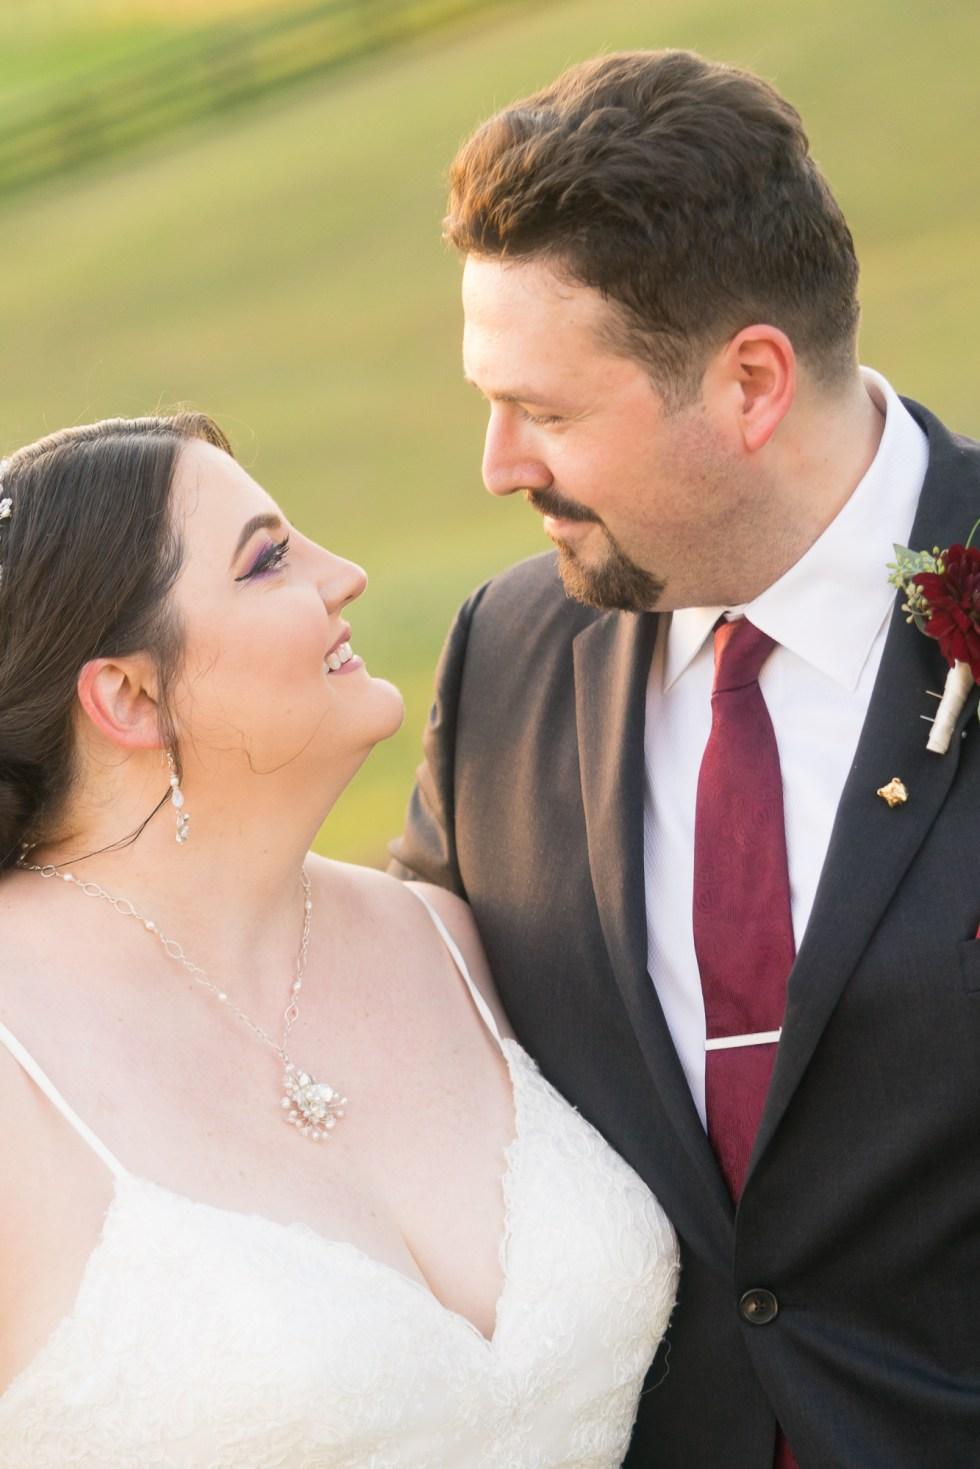 5-Alexandria-wedding-photography